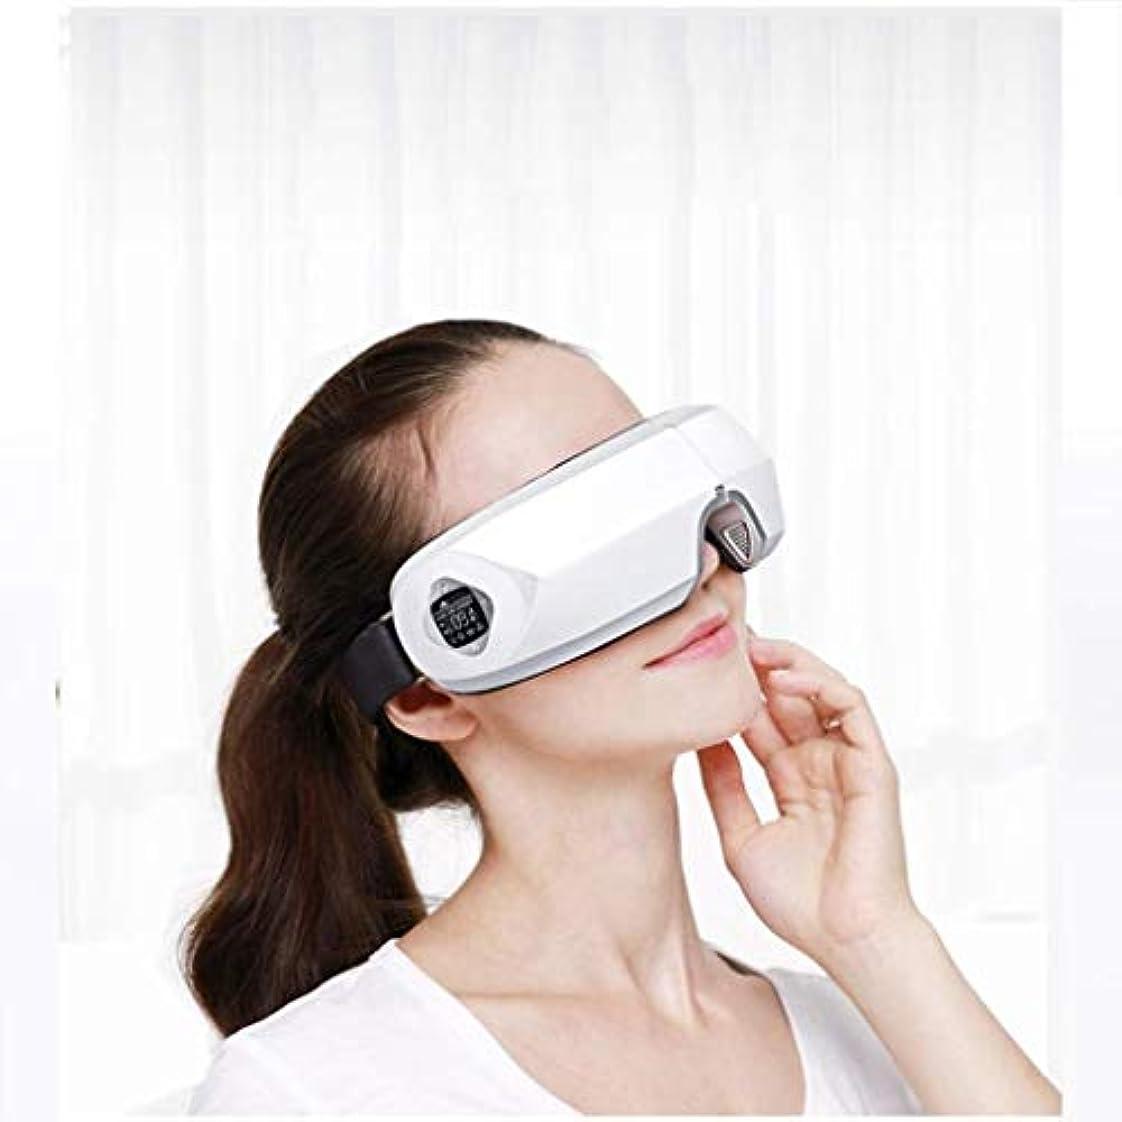 絶対の改修彼らアイマッサージャー、折り畳み式ポータブルマイナスイオンアイマッサージアイプロテクター、視力を保護し、疲労を軽減する熱アイマスク